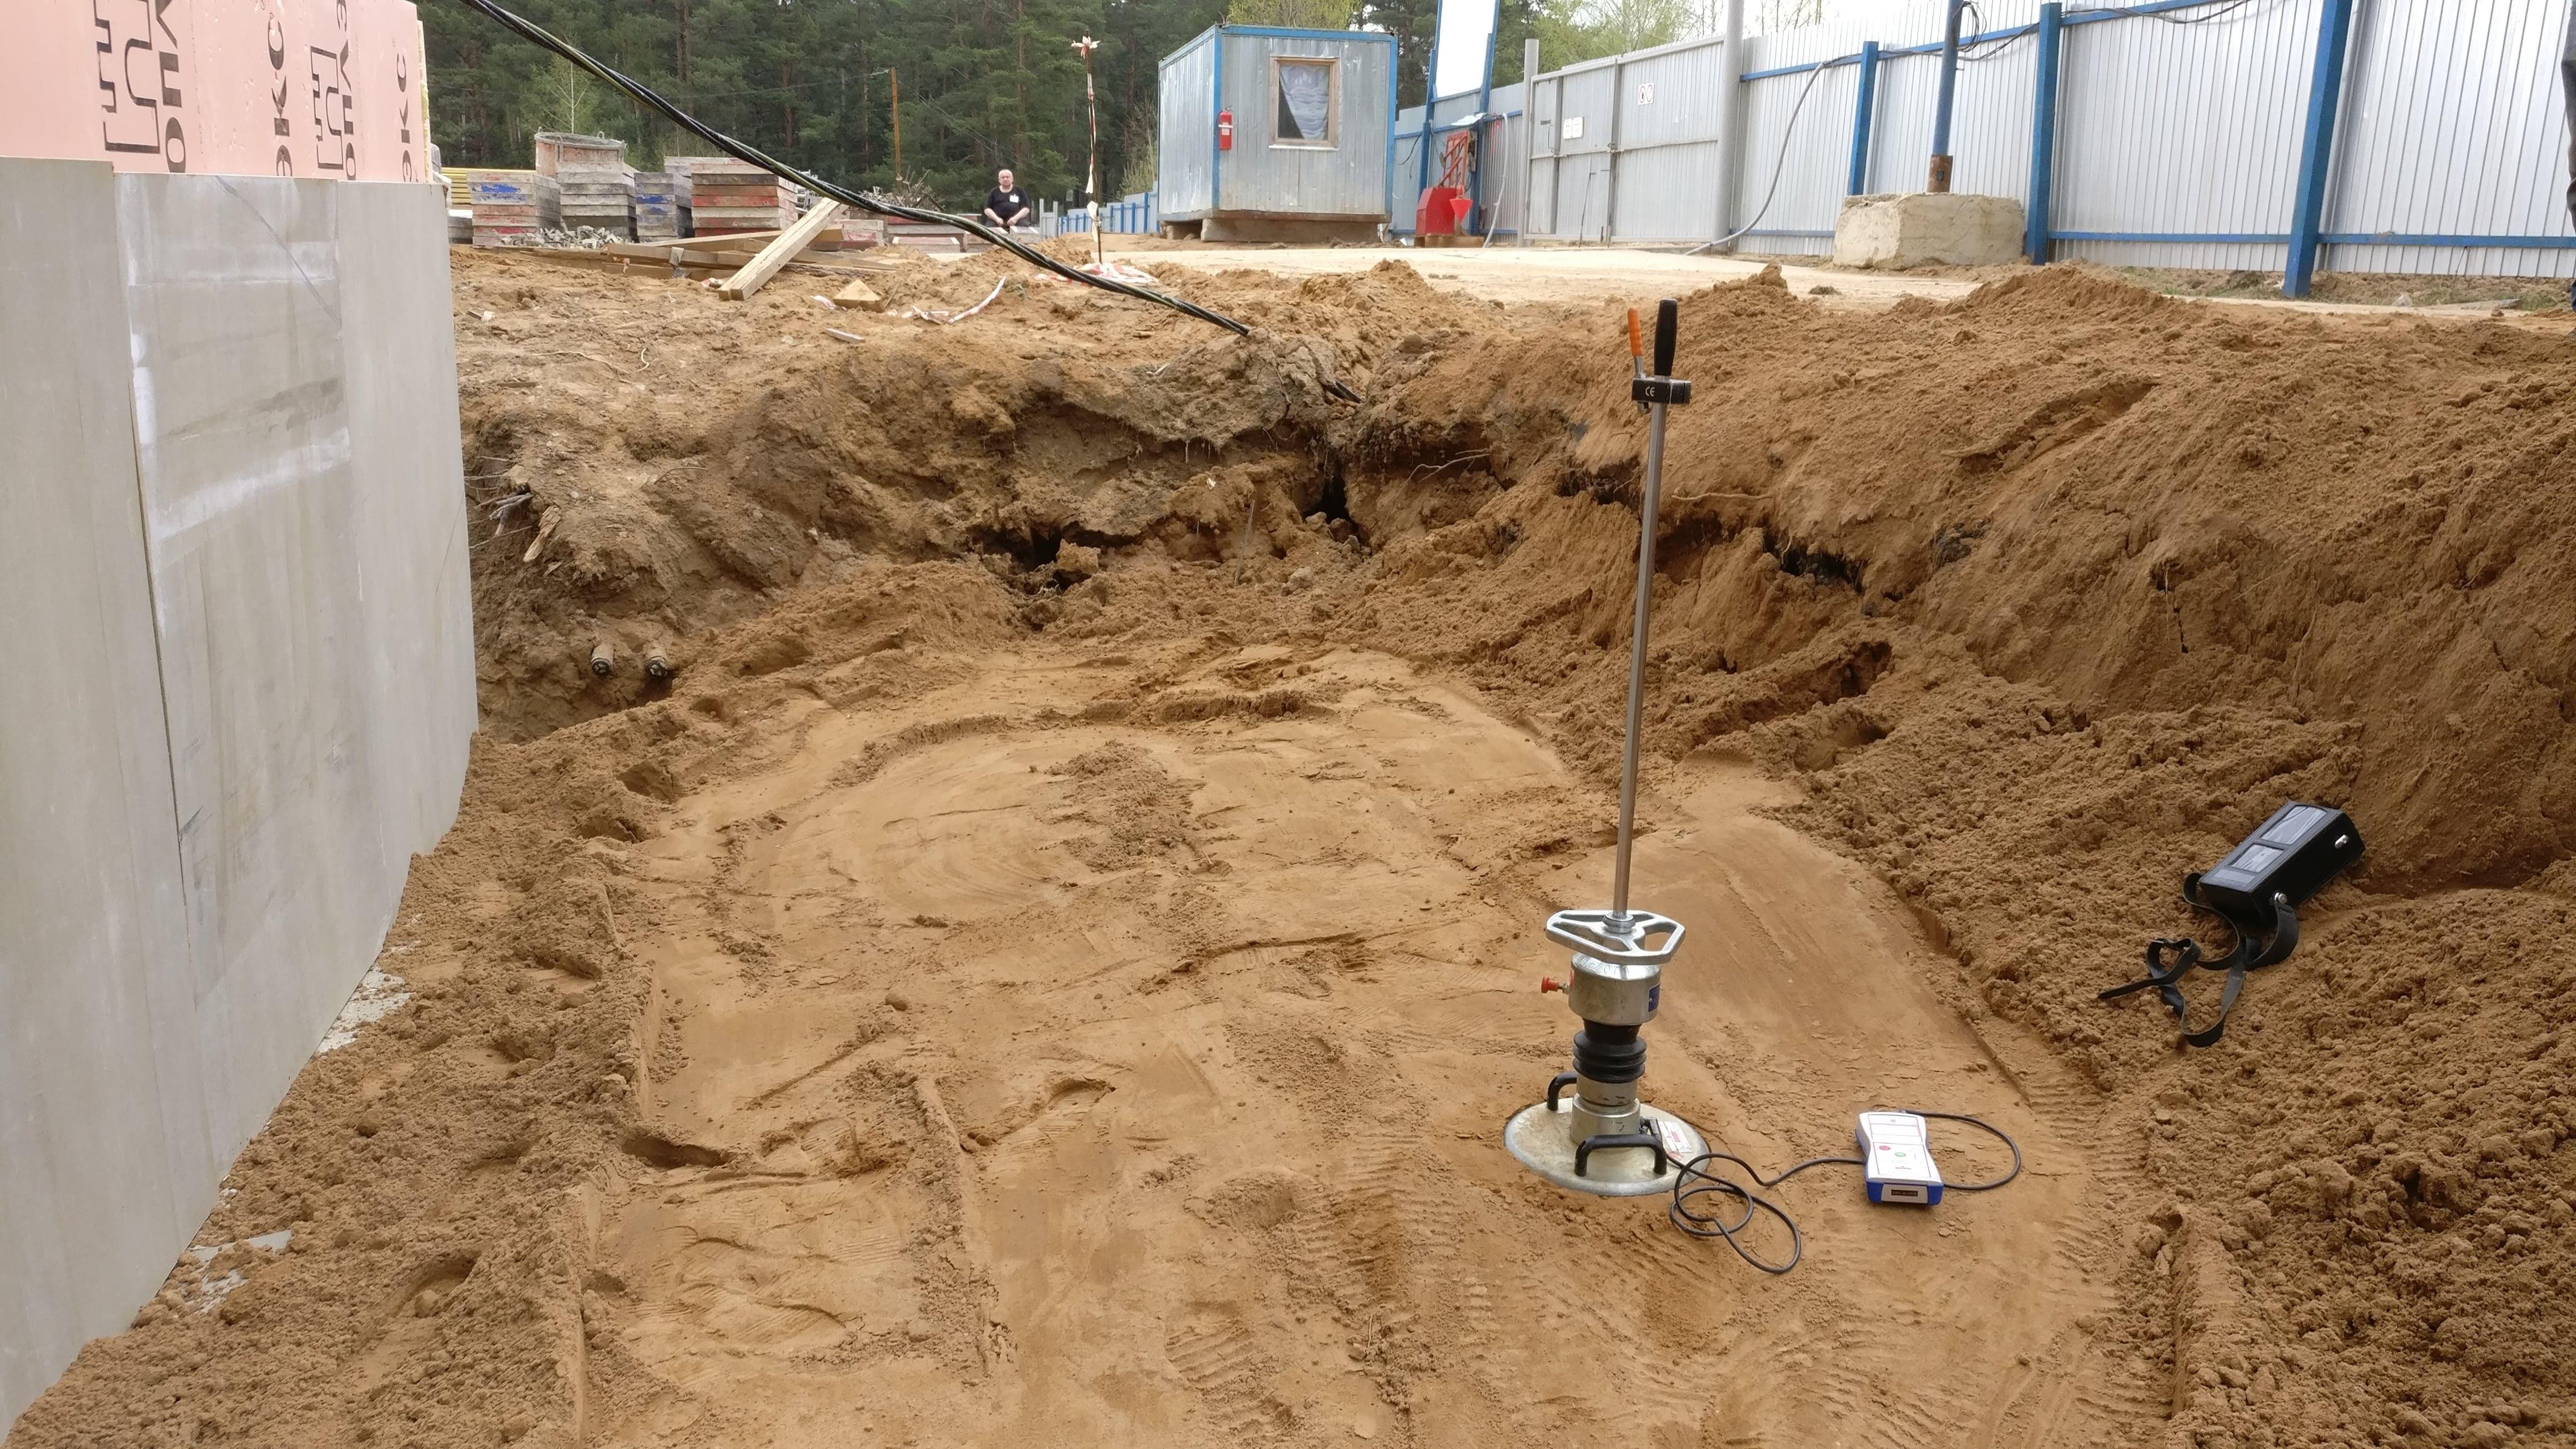 Коэффициент уплотнения песка: при трамбовке, обратной засыпке, строительстве дороги